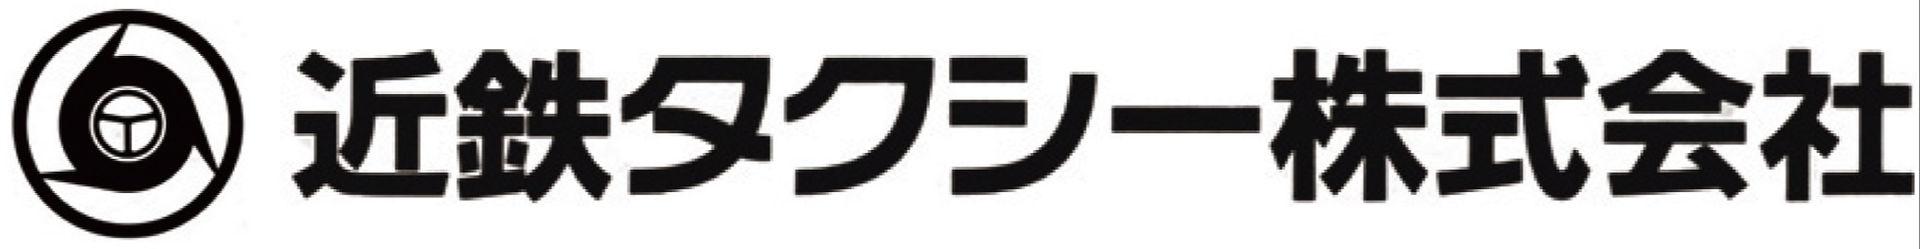 近鉄タクシー株式会社